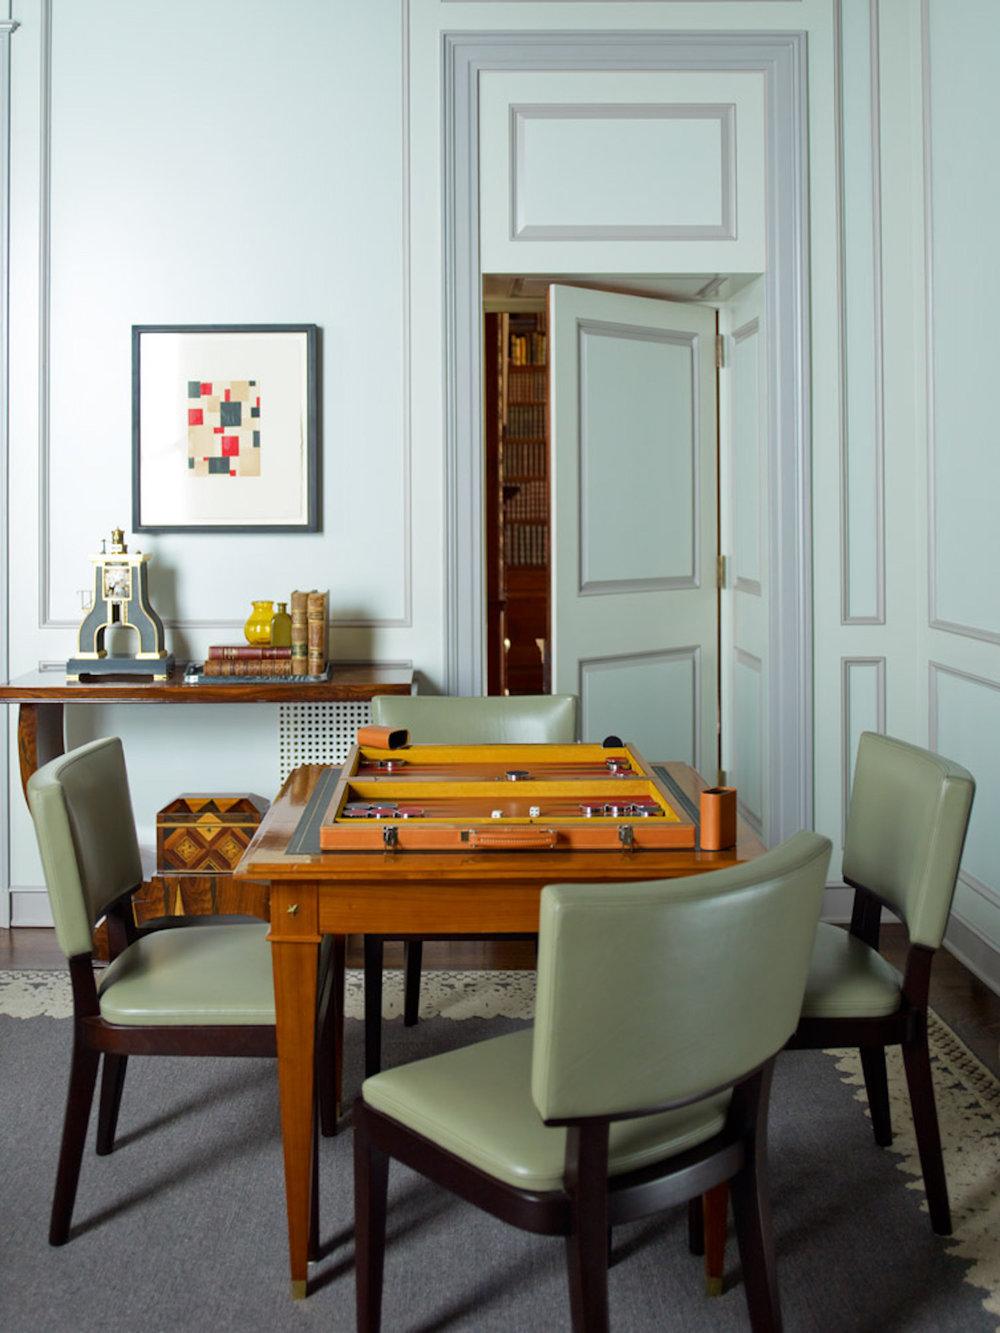 0901_card table.jpg